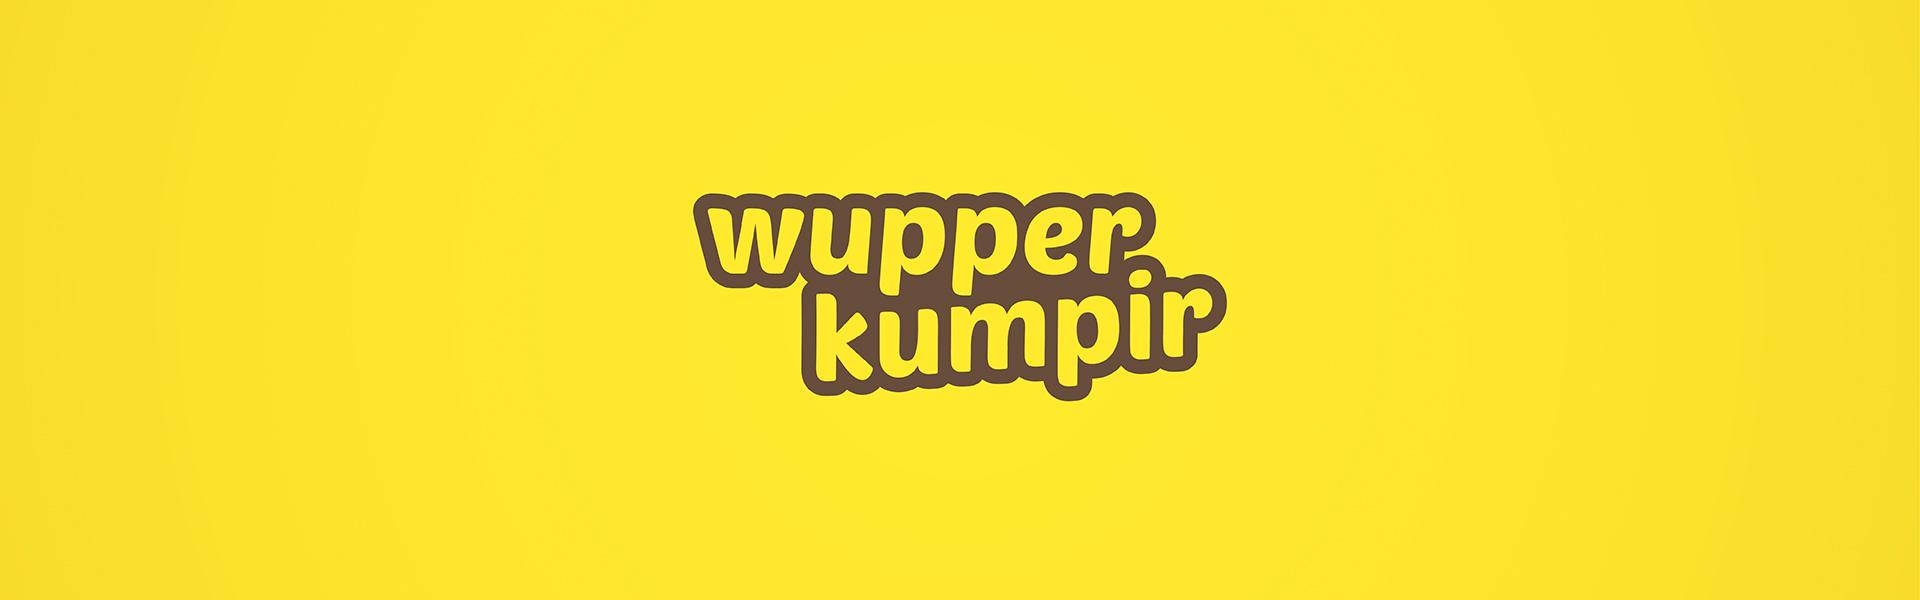 Logo für wupper kumpir von graf.ik Mediendesign